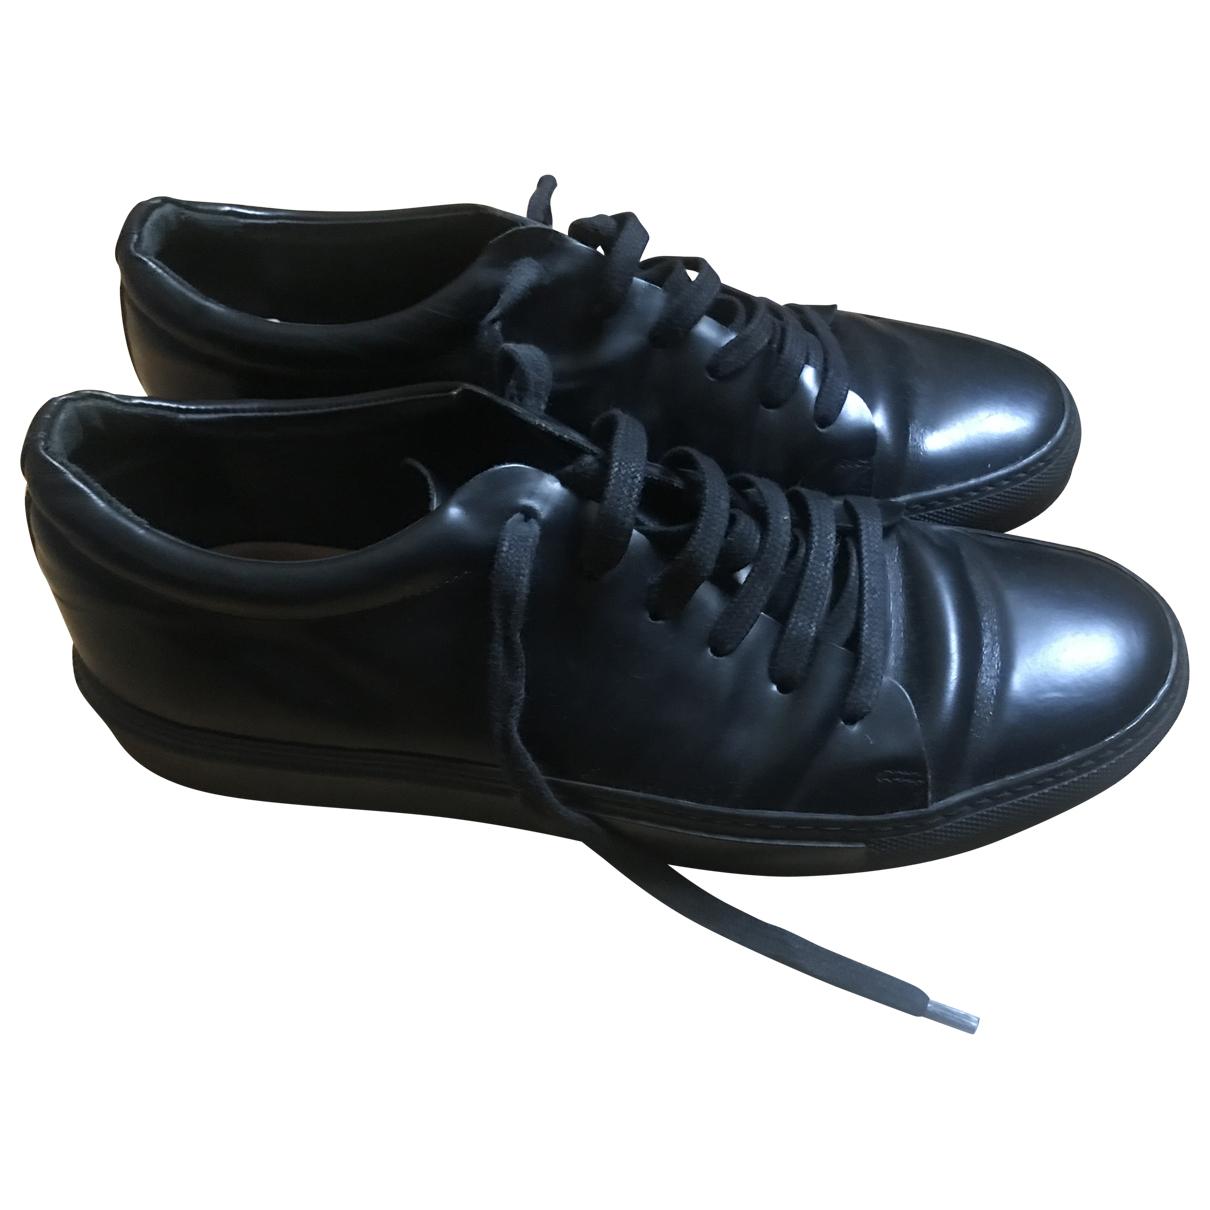 Acne Studios - Baskets   pour homme en cuir - noir